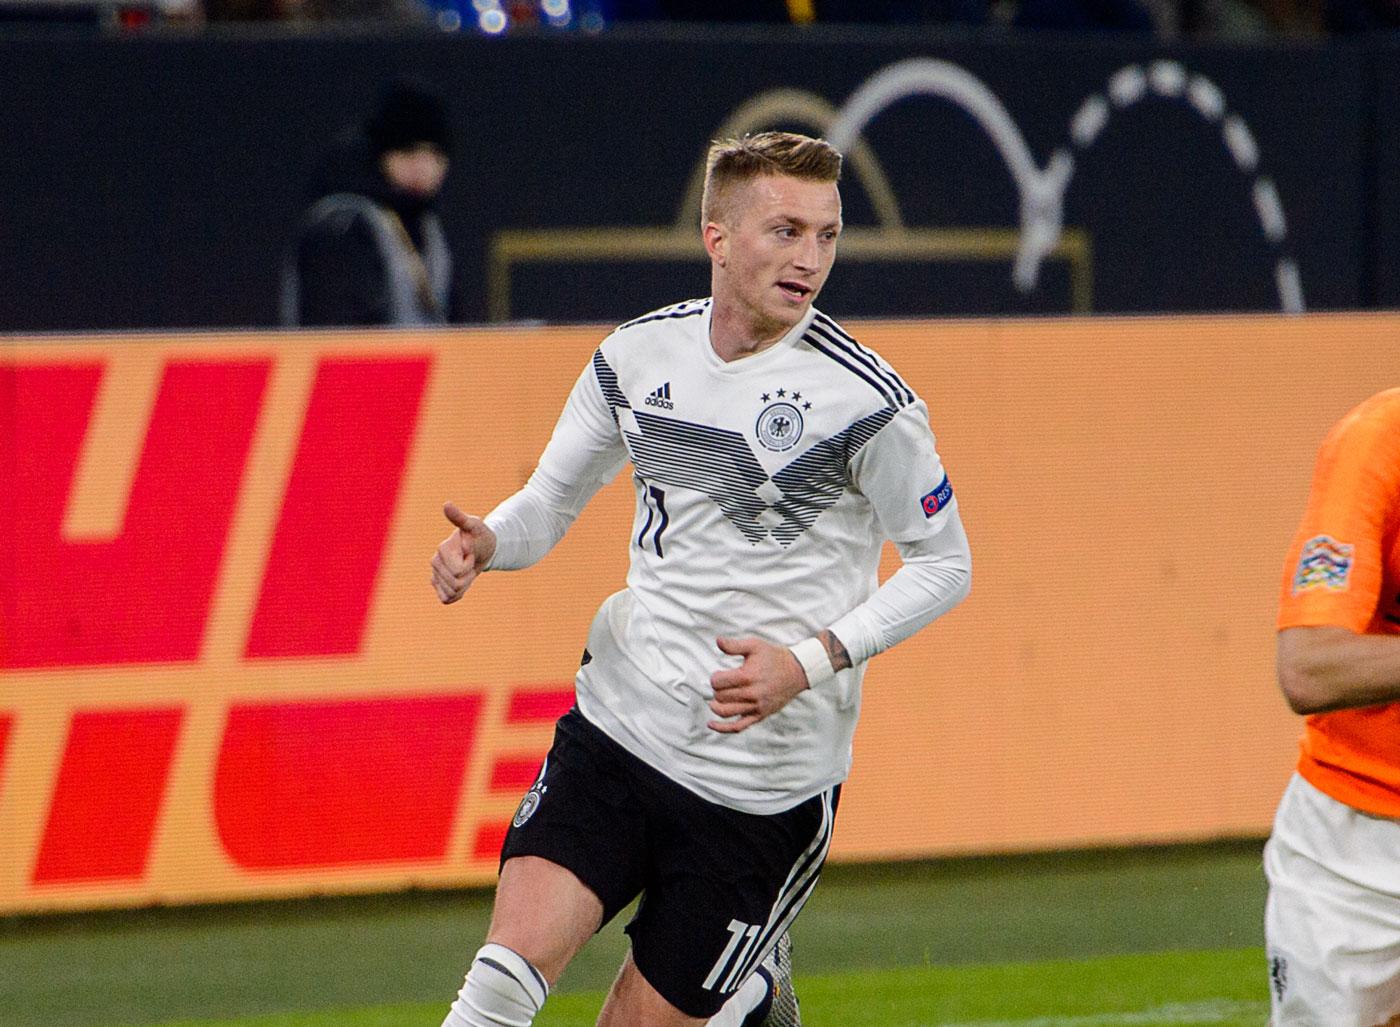 Marco Reus mit der Nummer 11 auf dem DFB Trikot 2019 gegen die Niederlande (Foto Shutterstock)